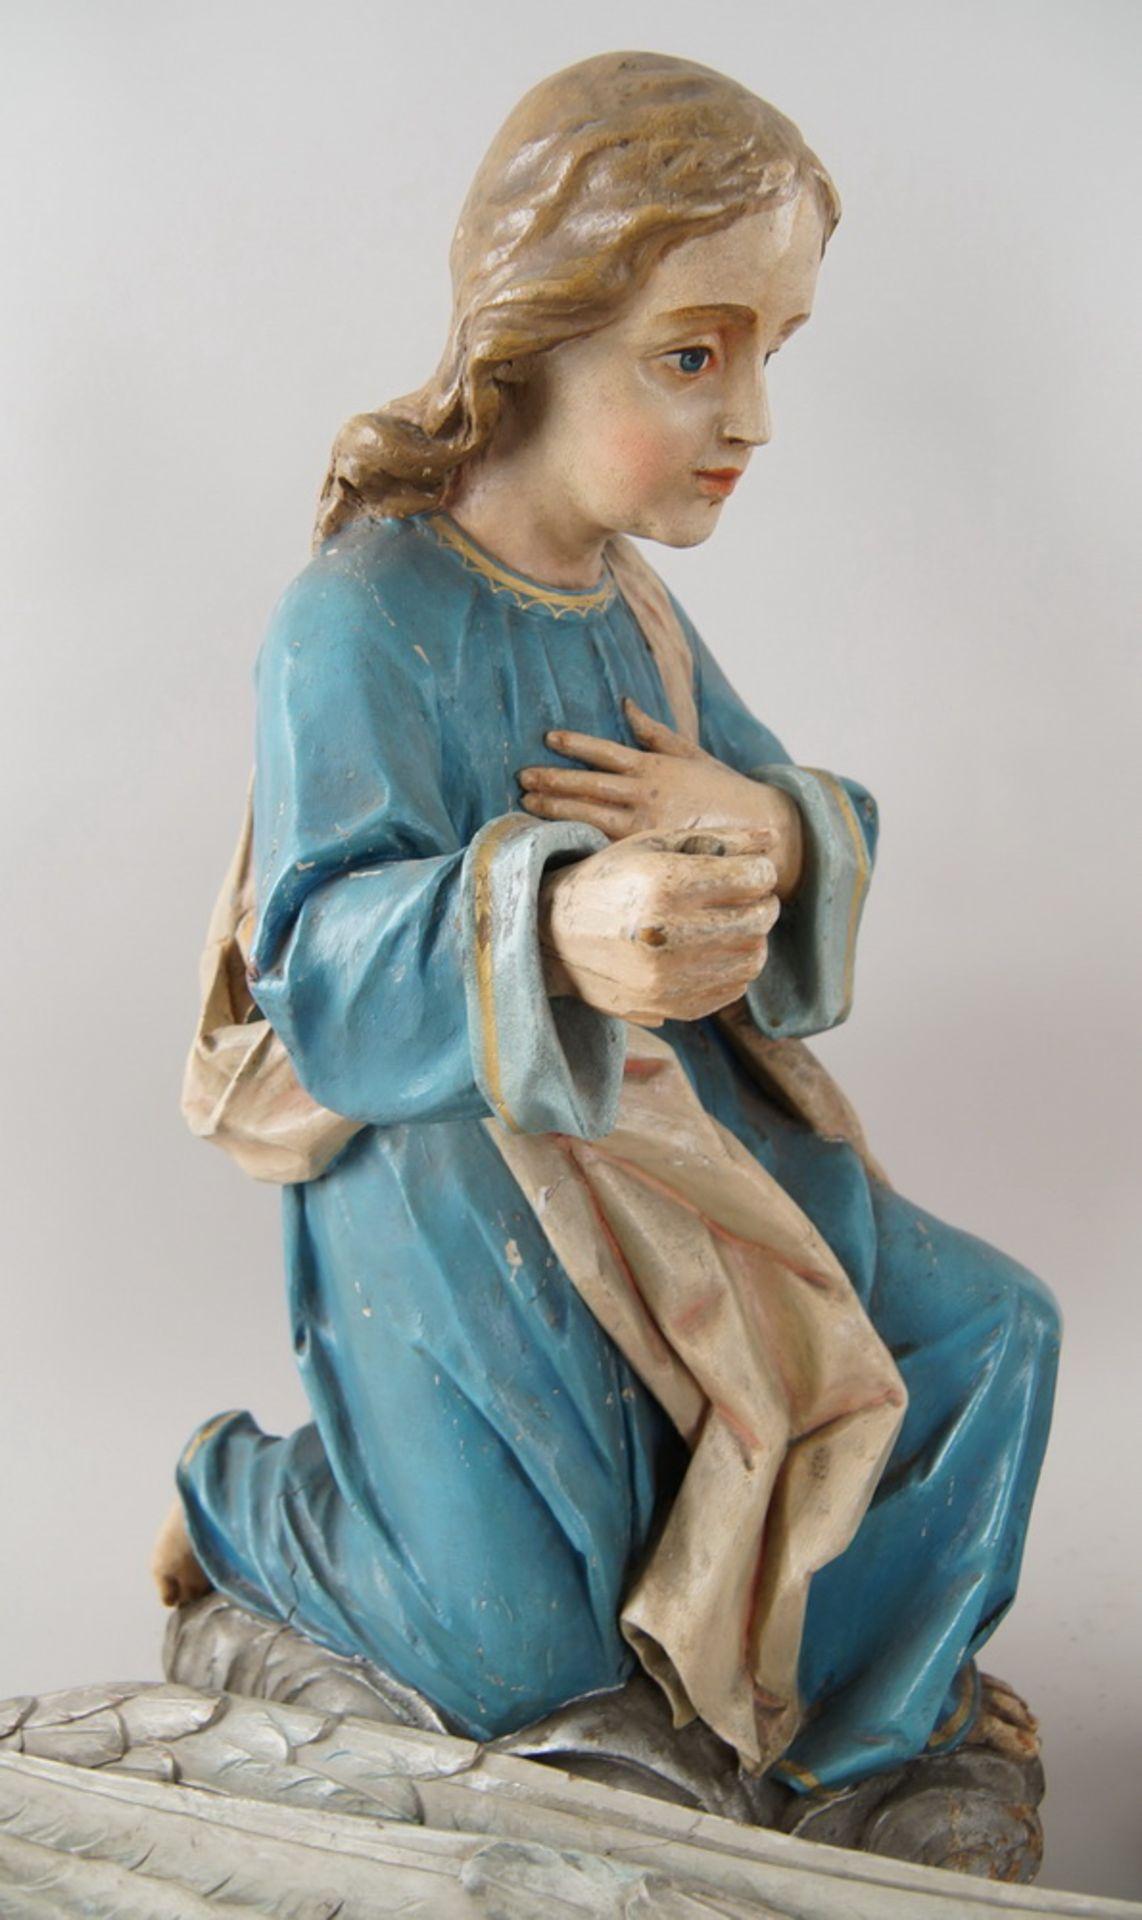 Zwei kniende Engel mit Flügel, 18. JH, Holz geschnitzt und gefasst, rest.-bed., H je 73cm - Bild 9 aus 15